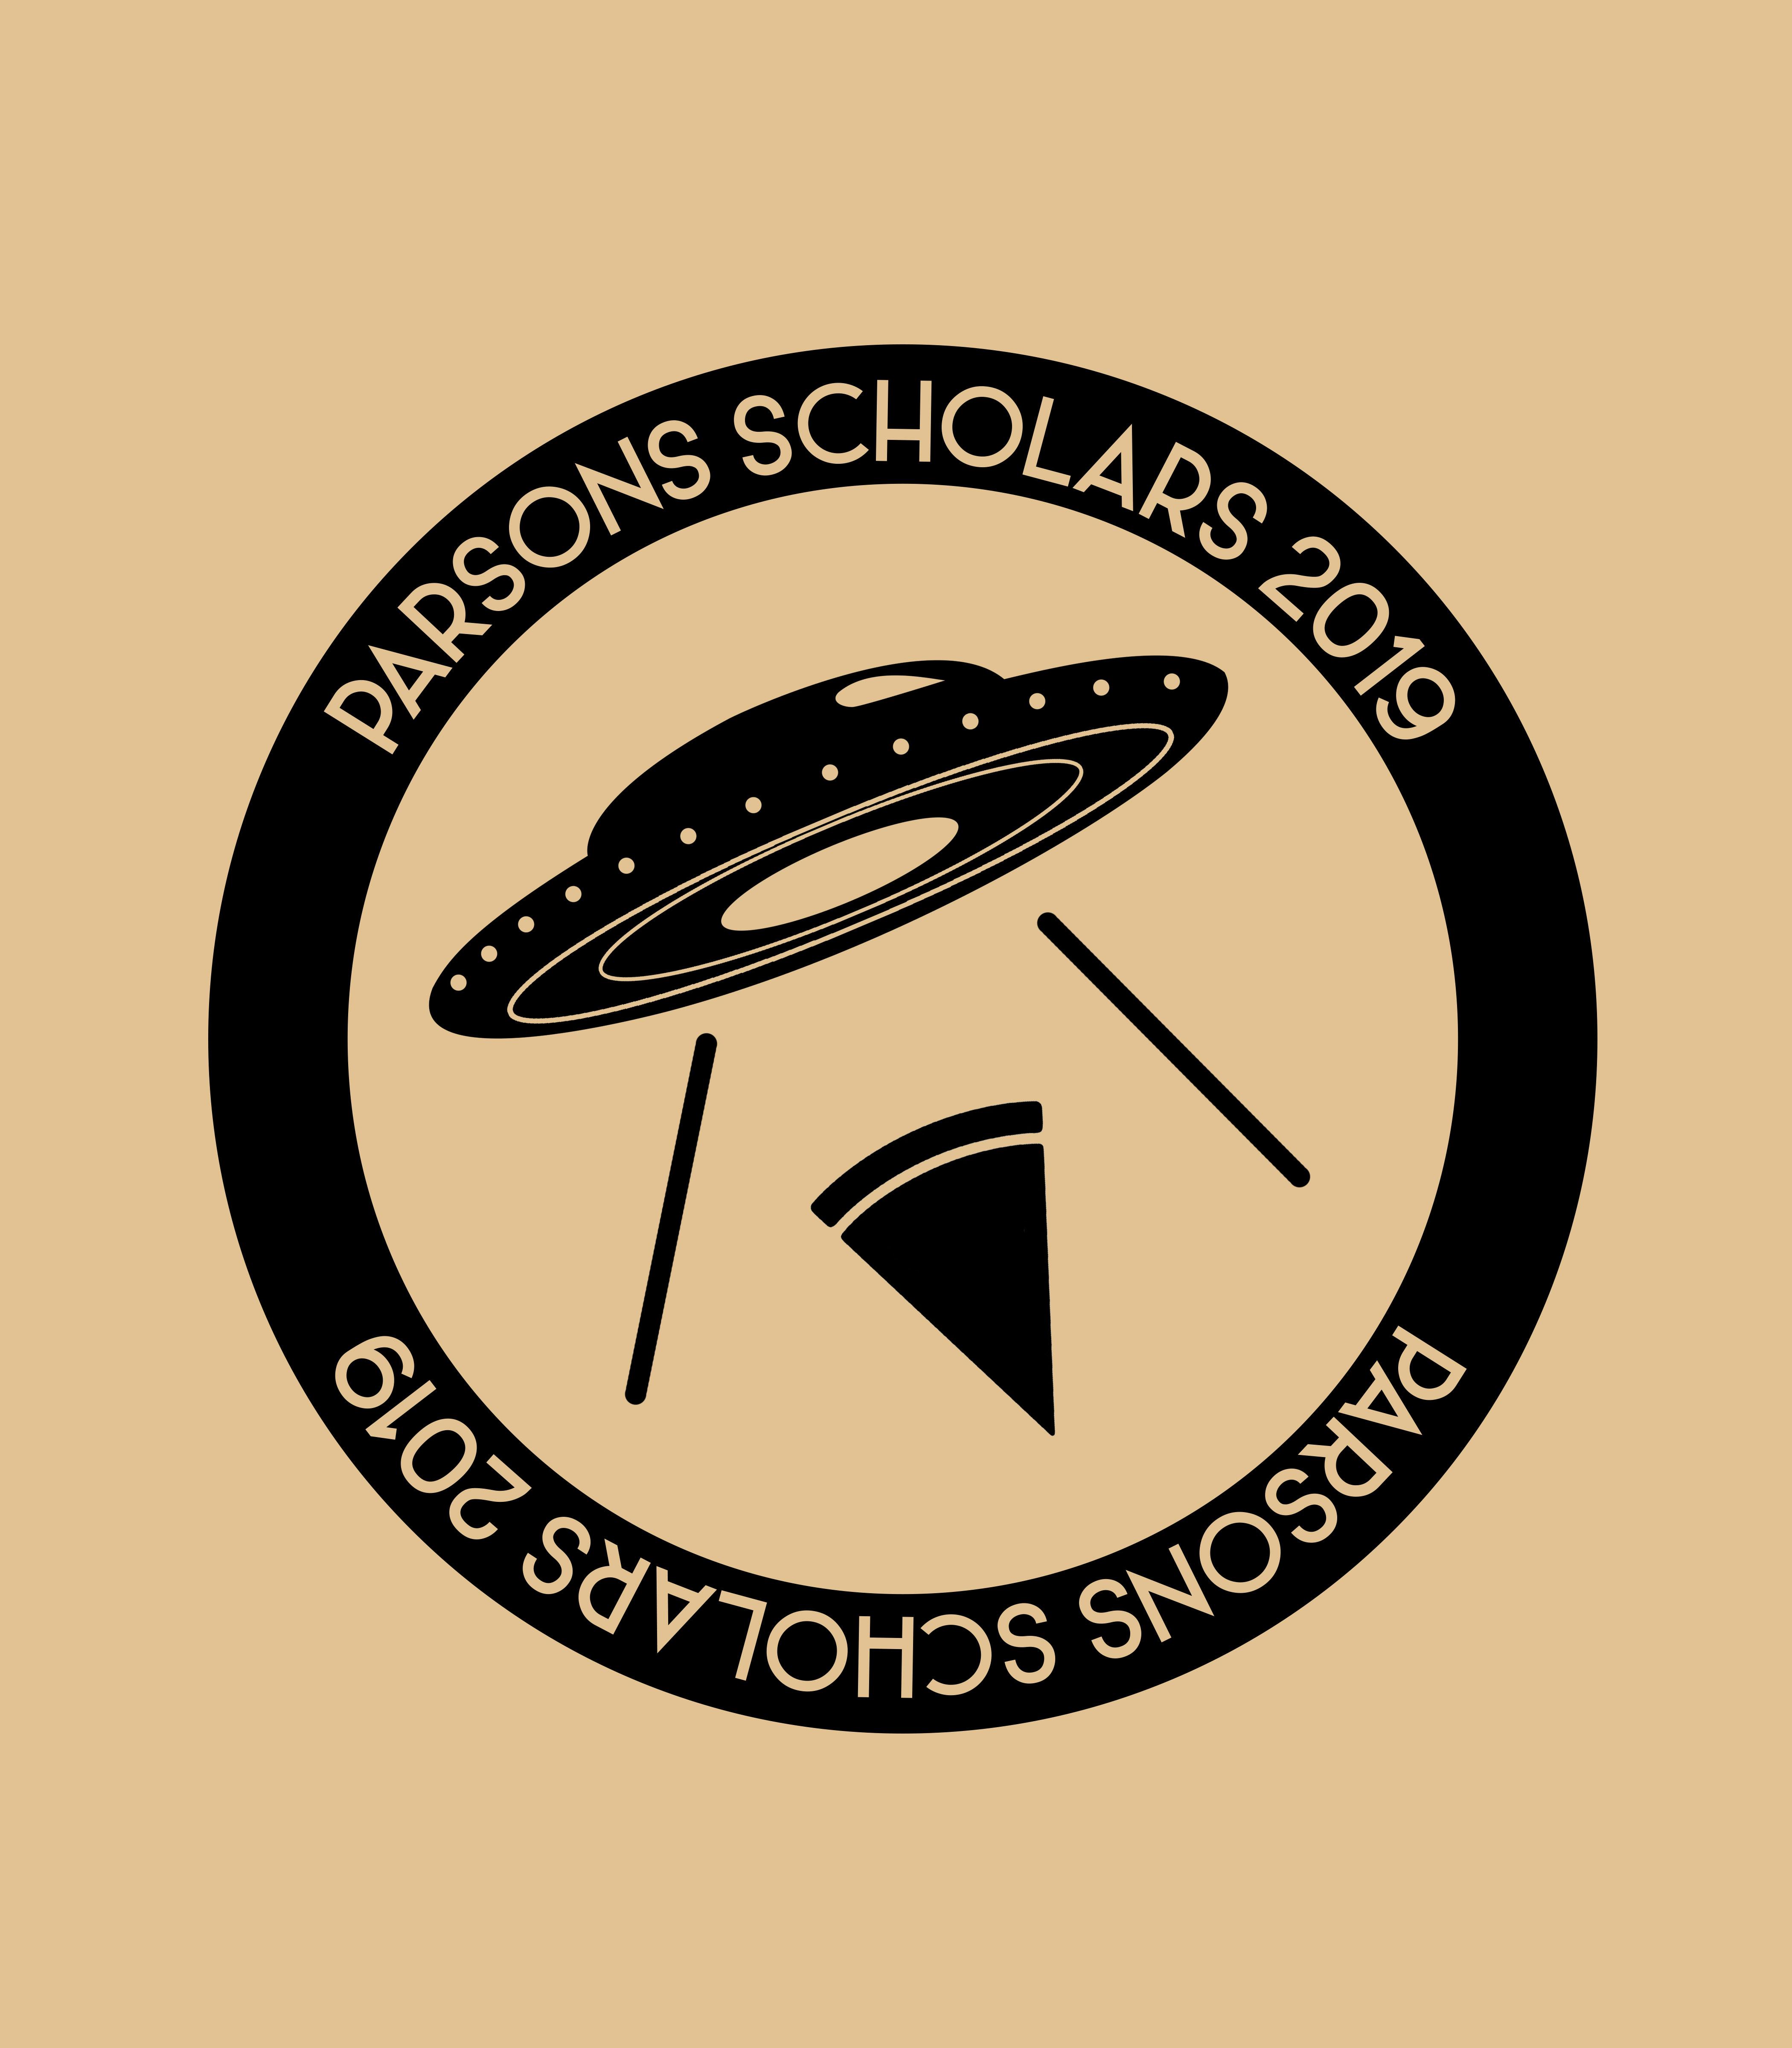 parsonsscholars